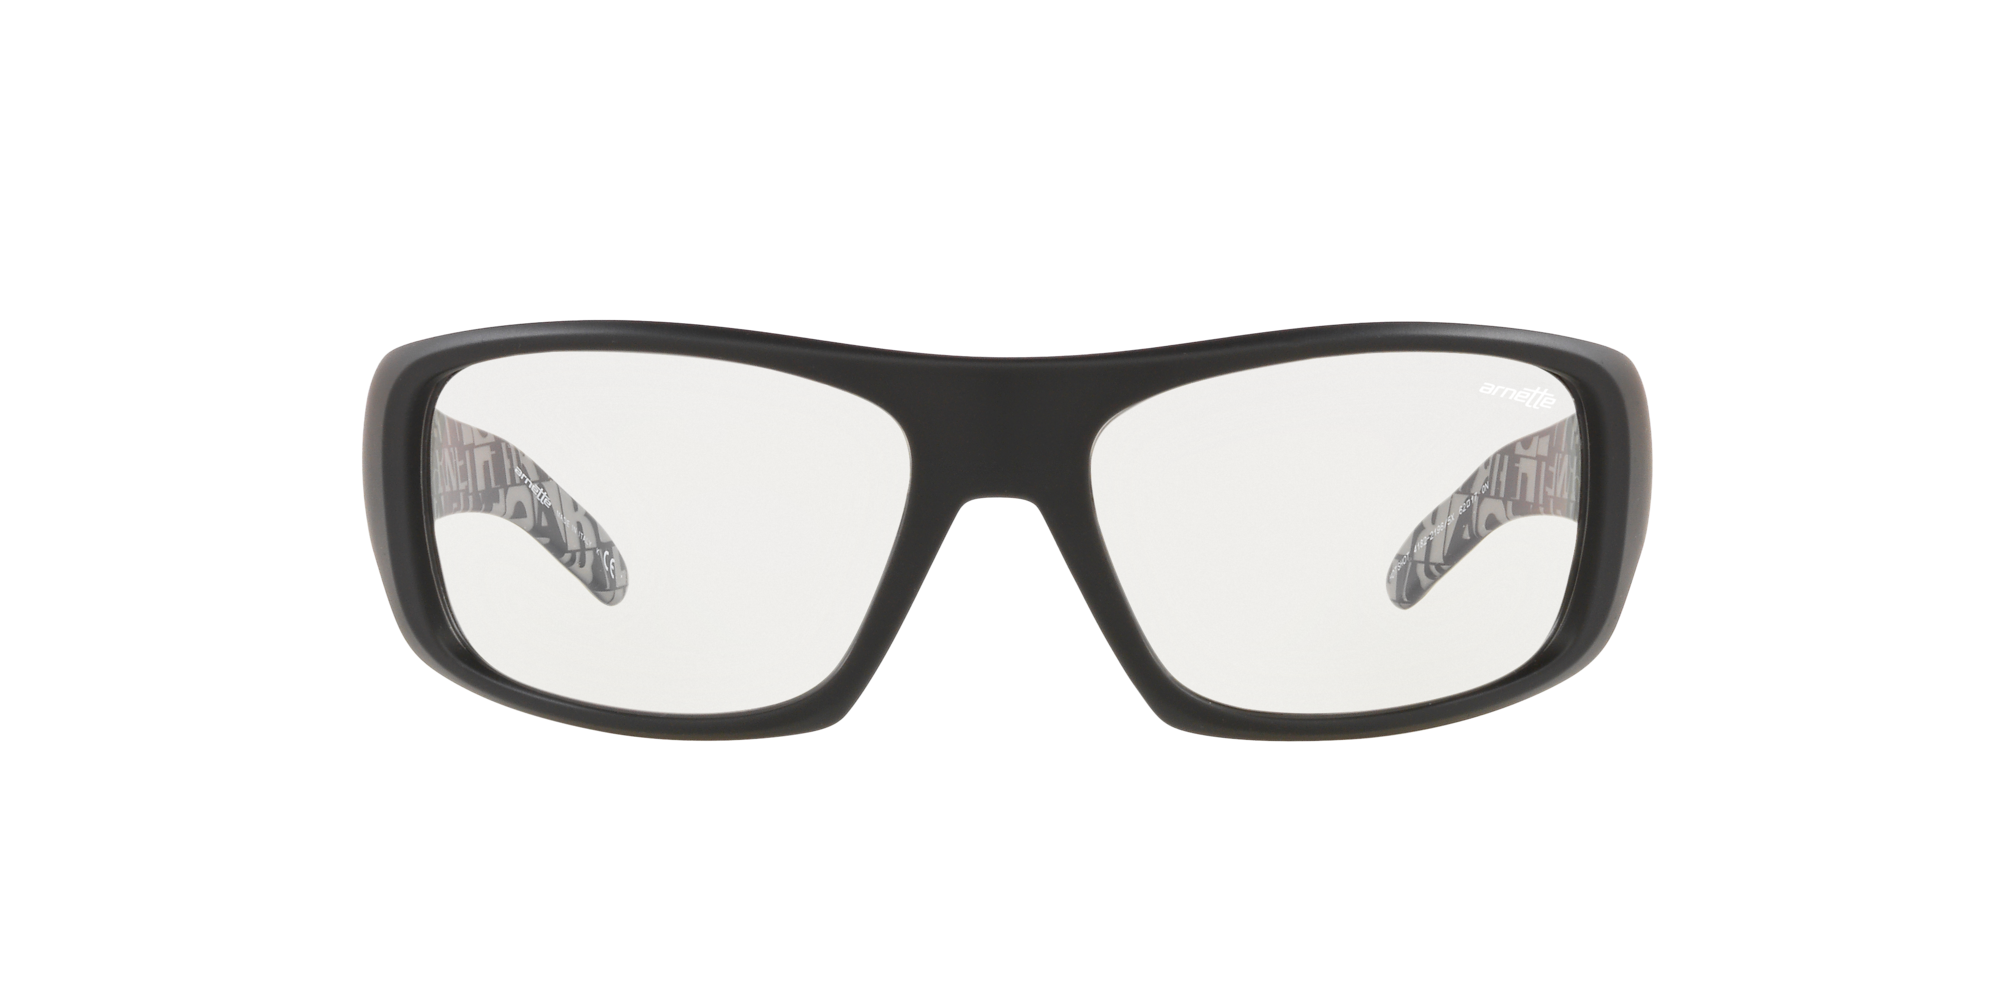 Imagen para AN4182 62 HOT SHOT de LensCrafters |  Espejuelos, espejuelos graduados en línea, gafas